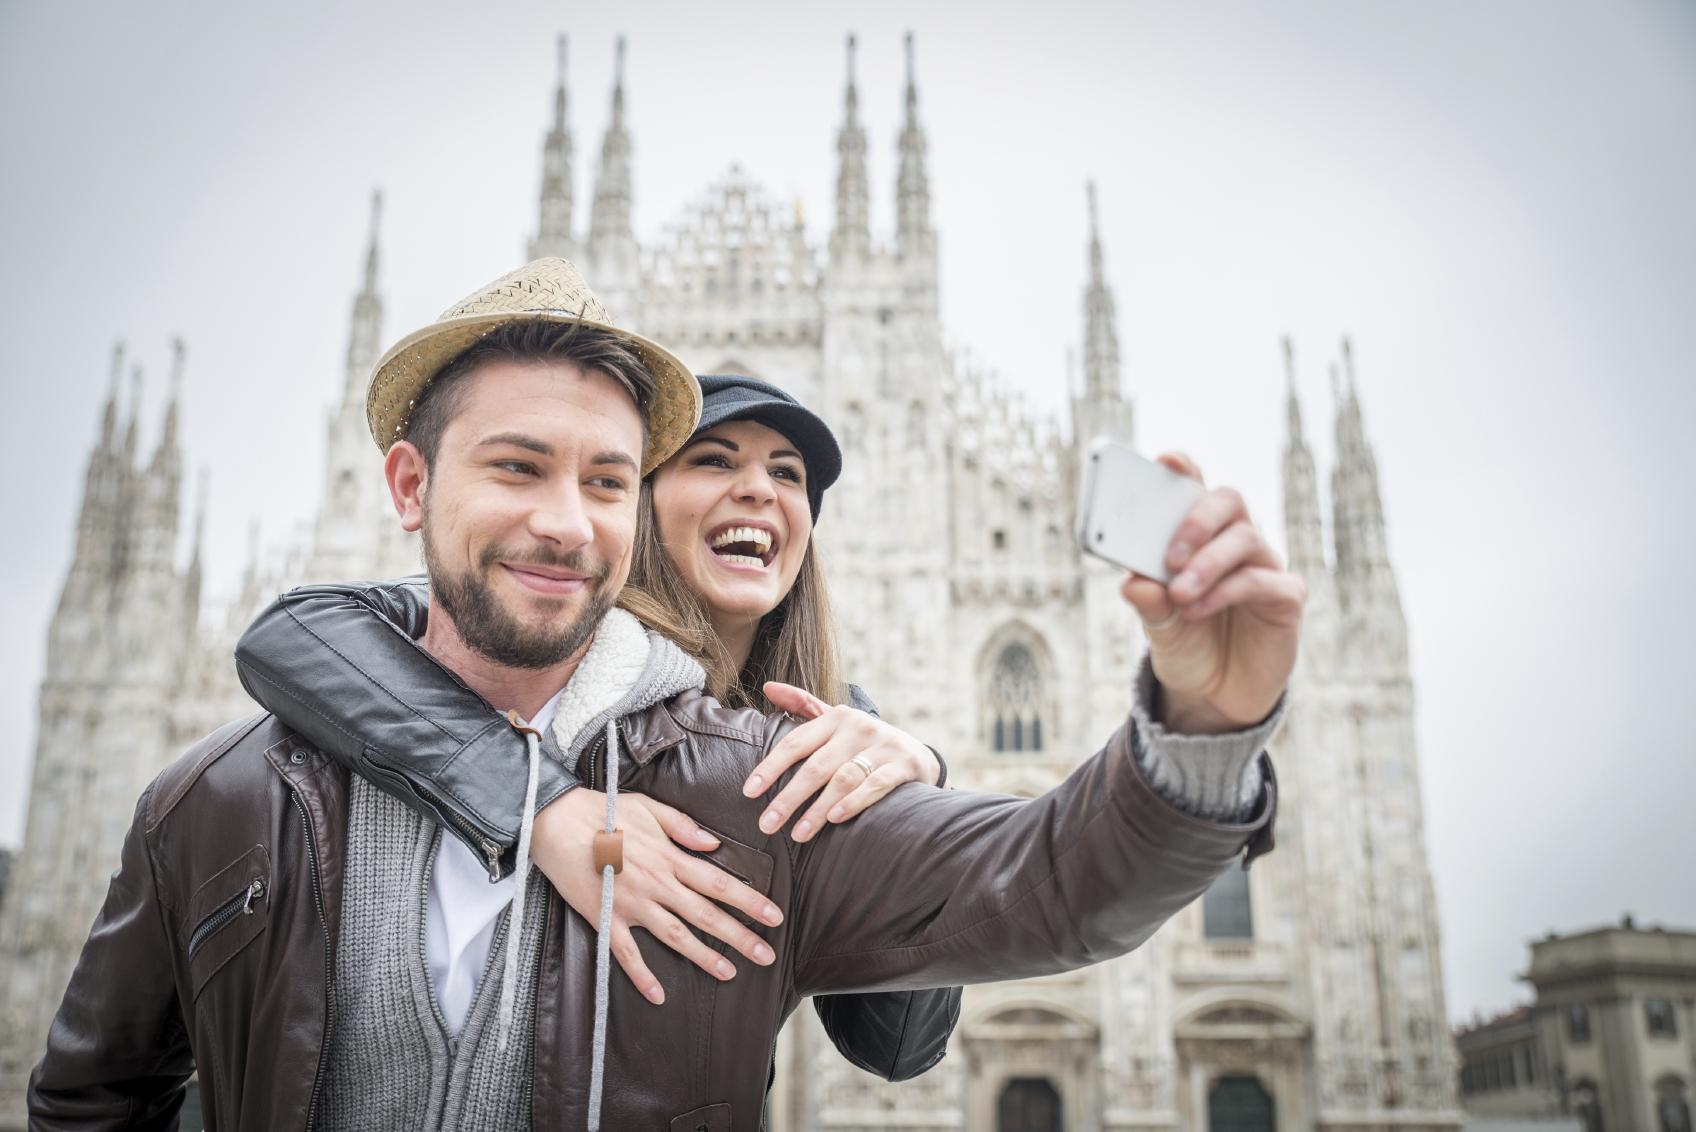 Приложения для смартфона, которые лучше скачать перед поездкой в Италию